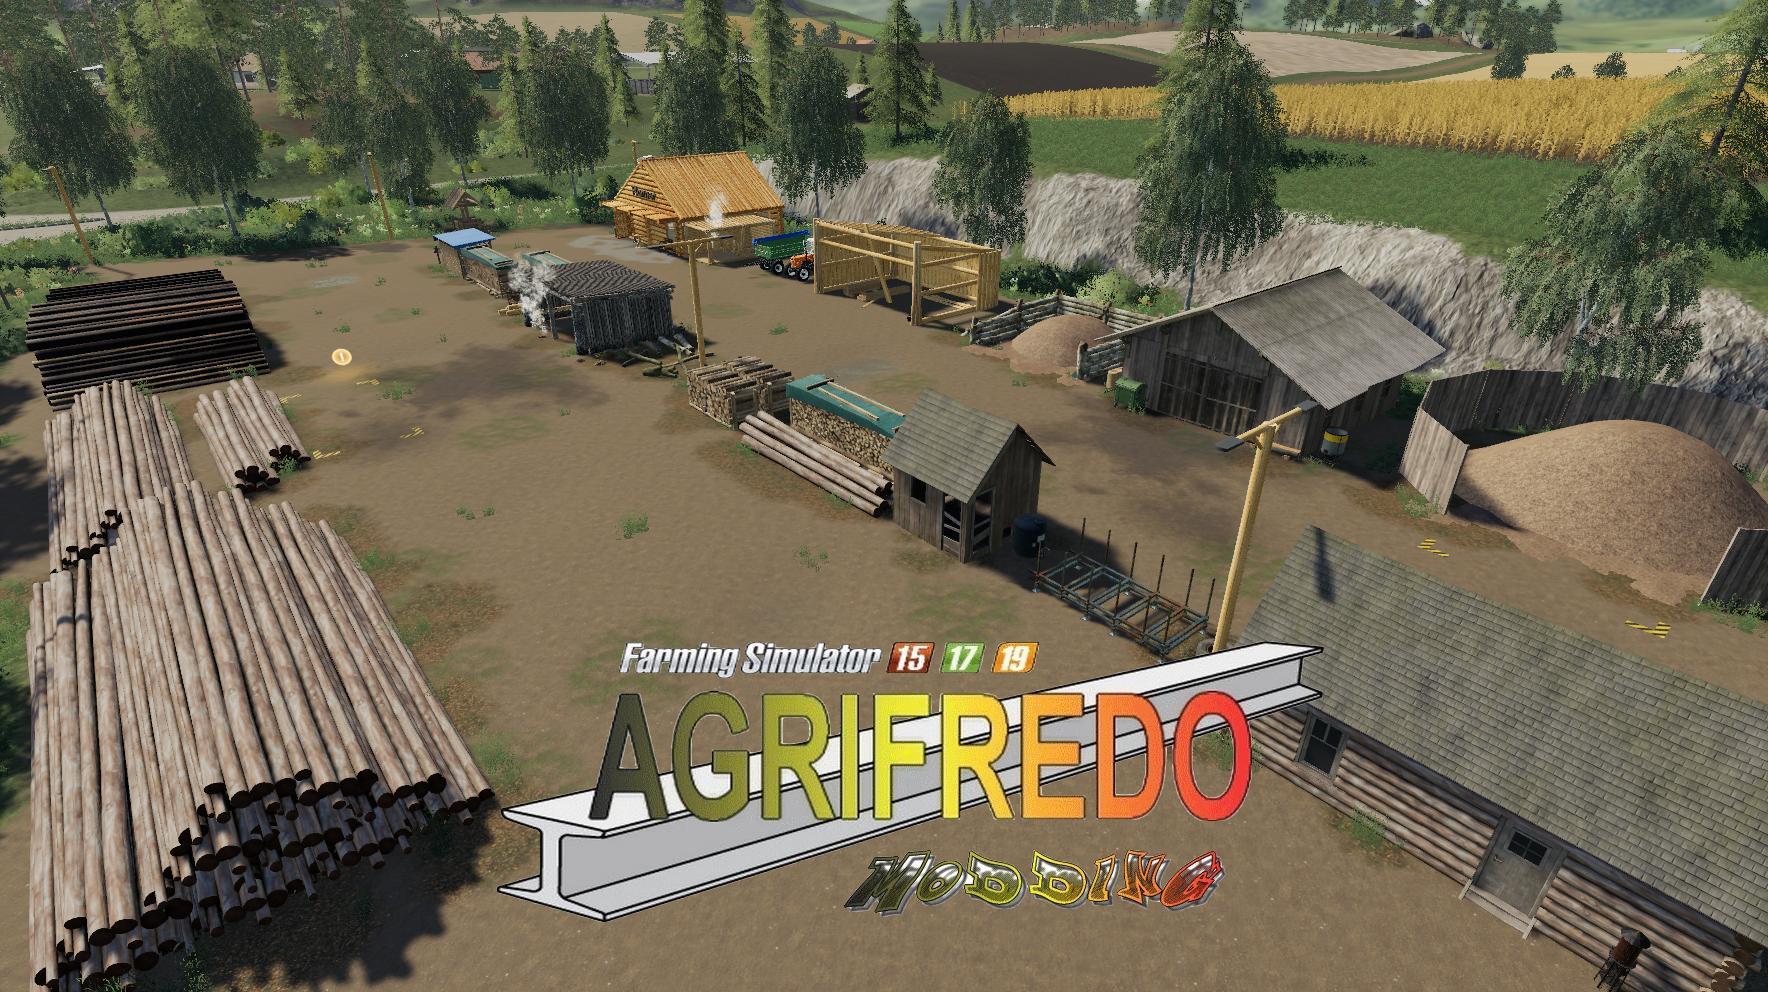 La colonne de bronze v1 0 Map FS 19 - Farming simulator 17